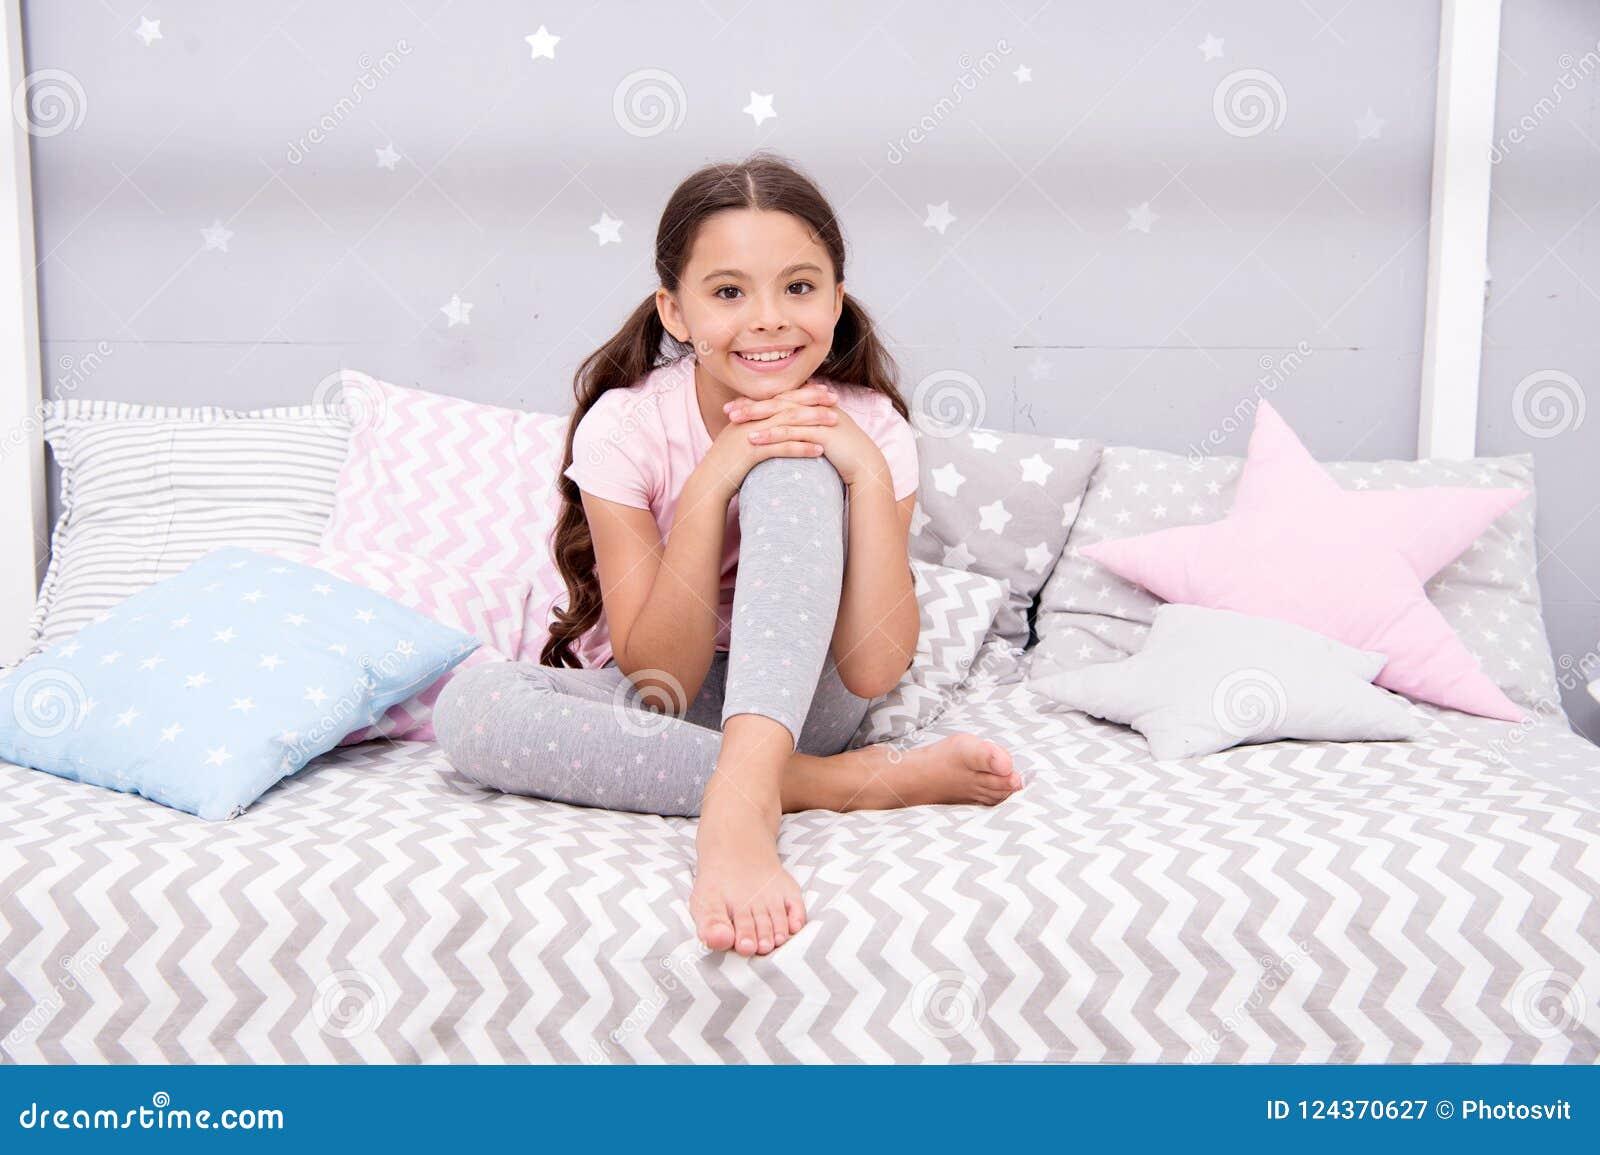 Desideri i suoi sogni dolci Il bambino della ragazza si siede sul letto la sua camera da letto Il bambino prepara va a letto Il t